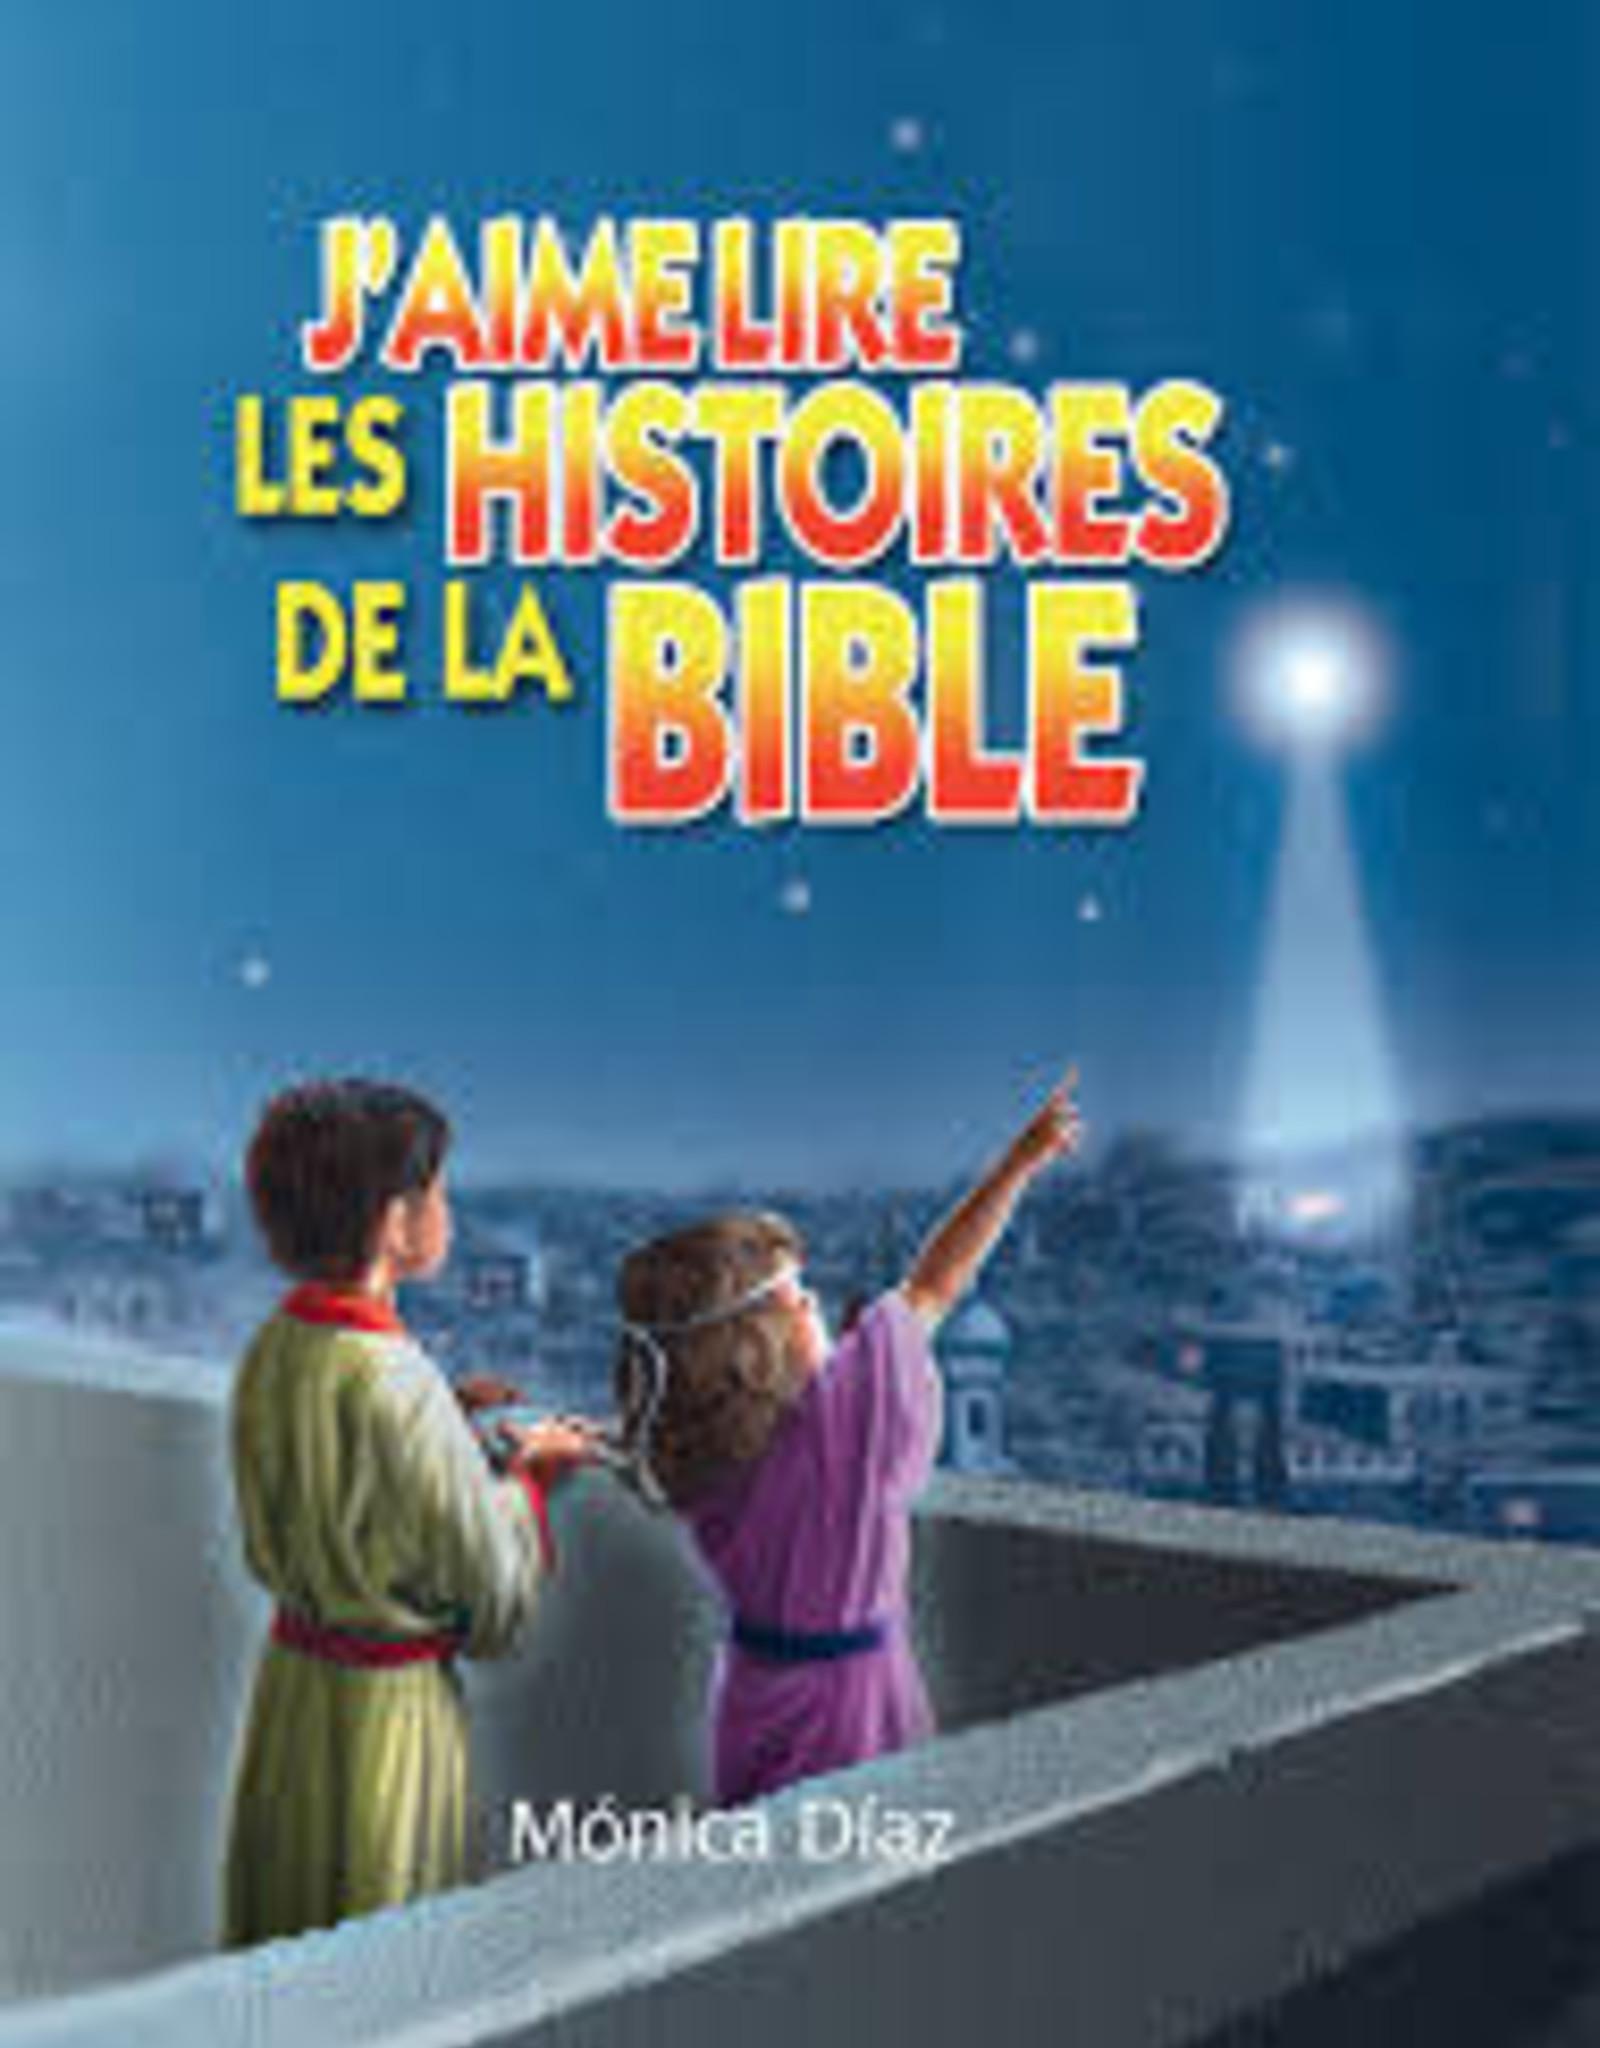 Monica Diaz J'aime lire les histoires de la Bible